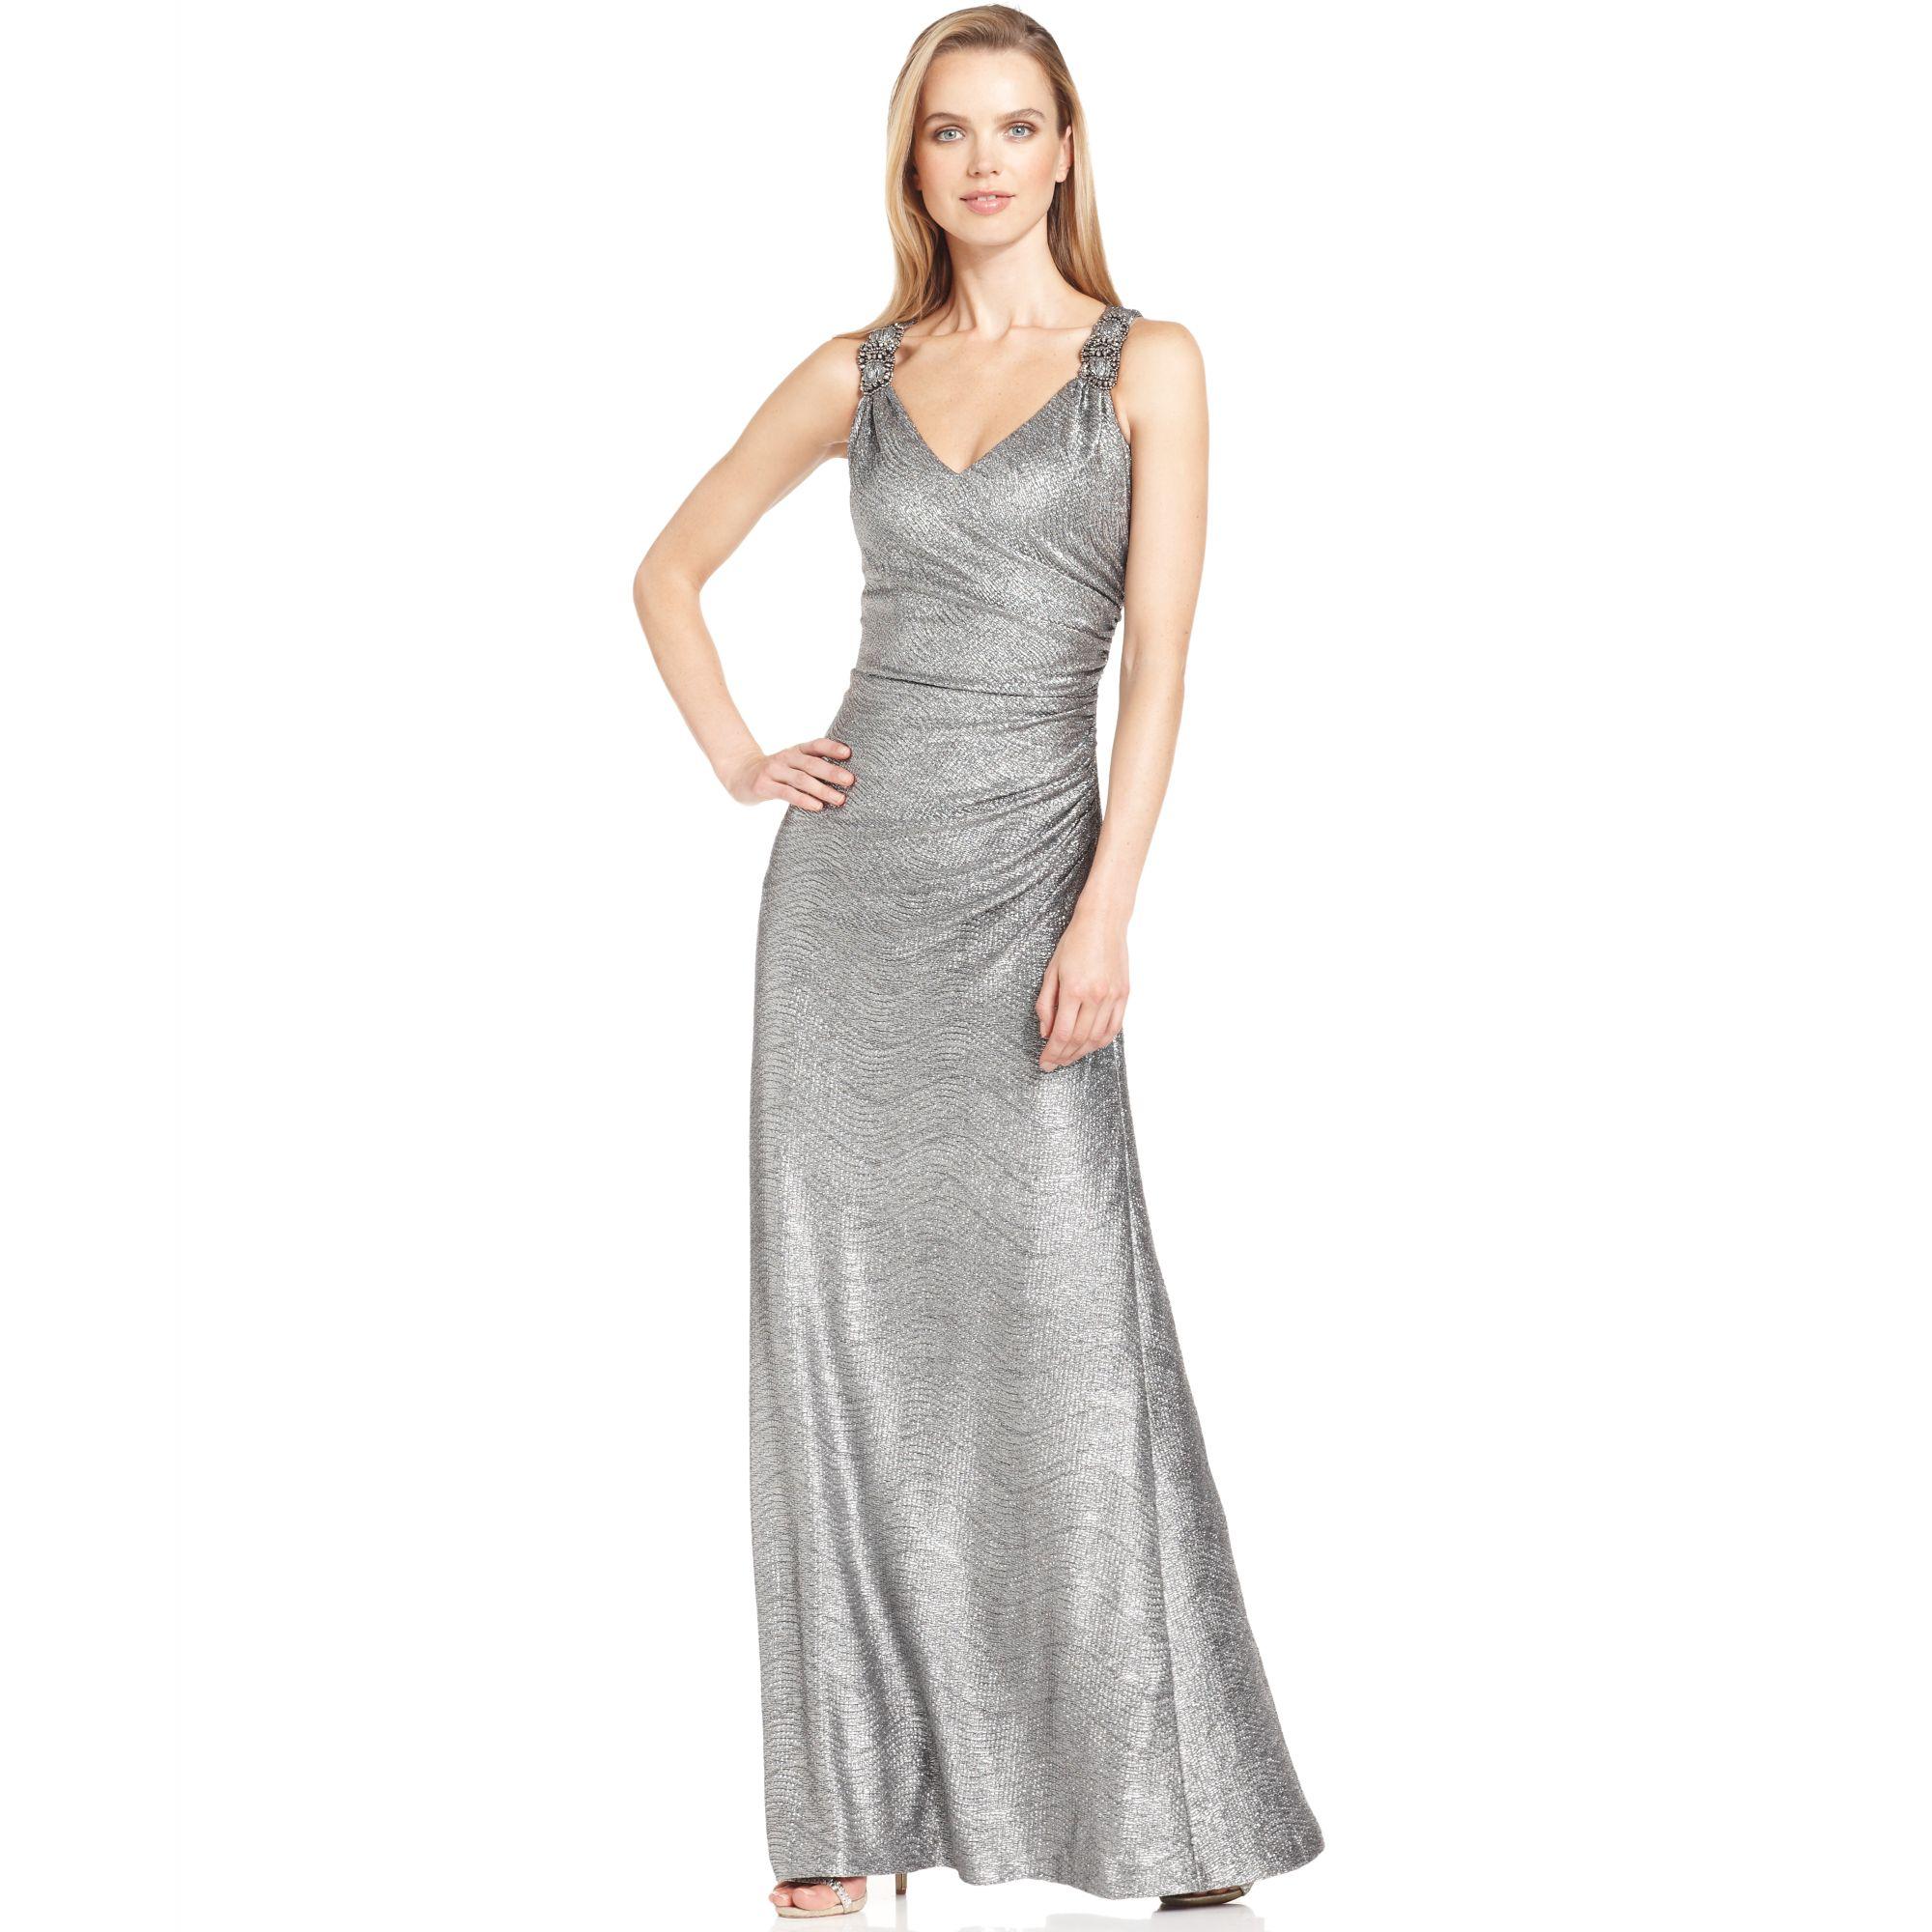 Macys Calvin Klein Womens Evening Dresses | Lauren Goss